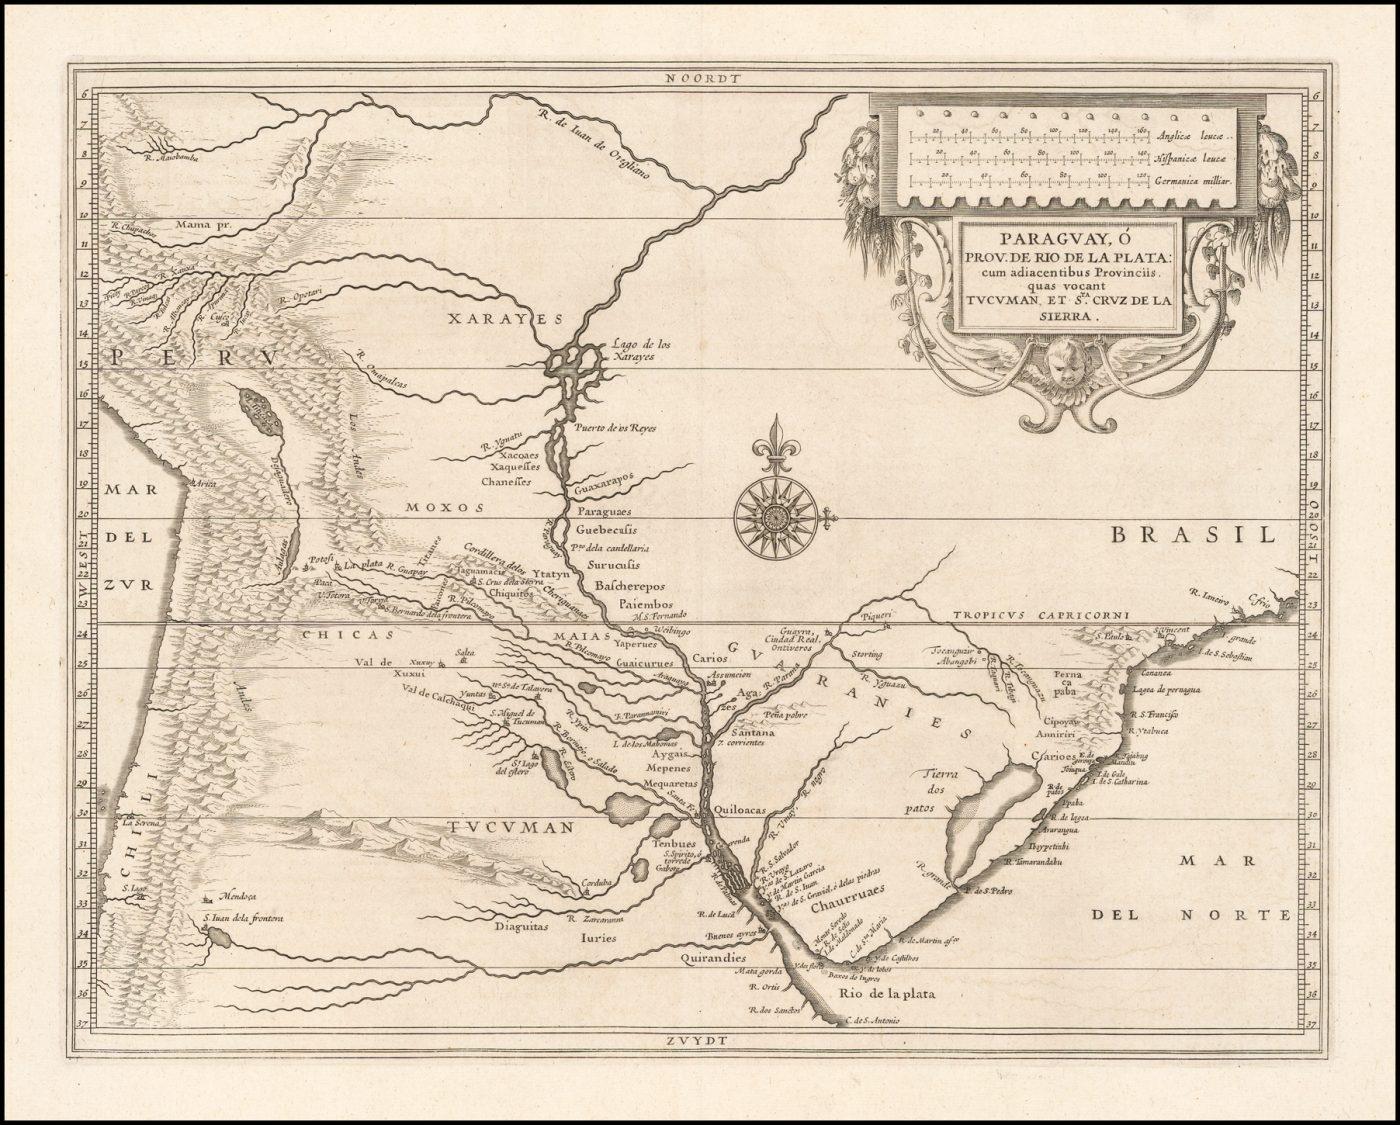 Старинная карта Южной Америки опубликованная Йоханнес де Лаэт, 1633 год